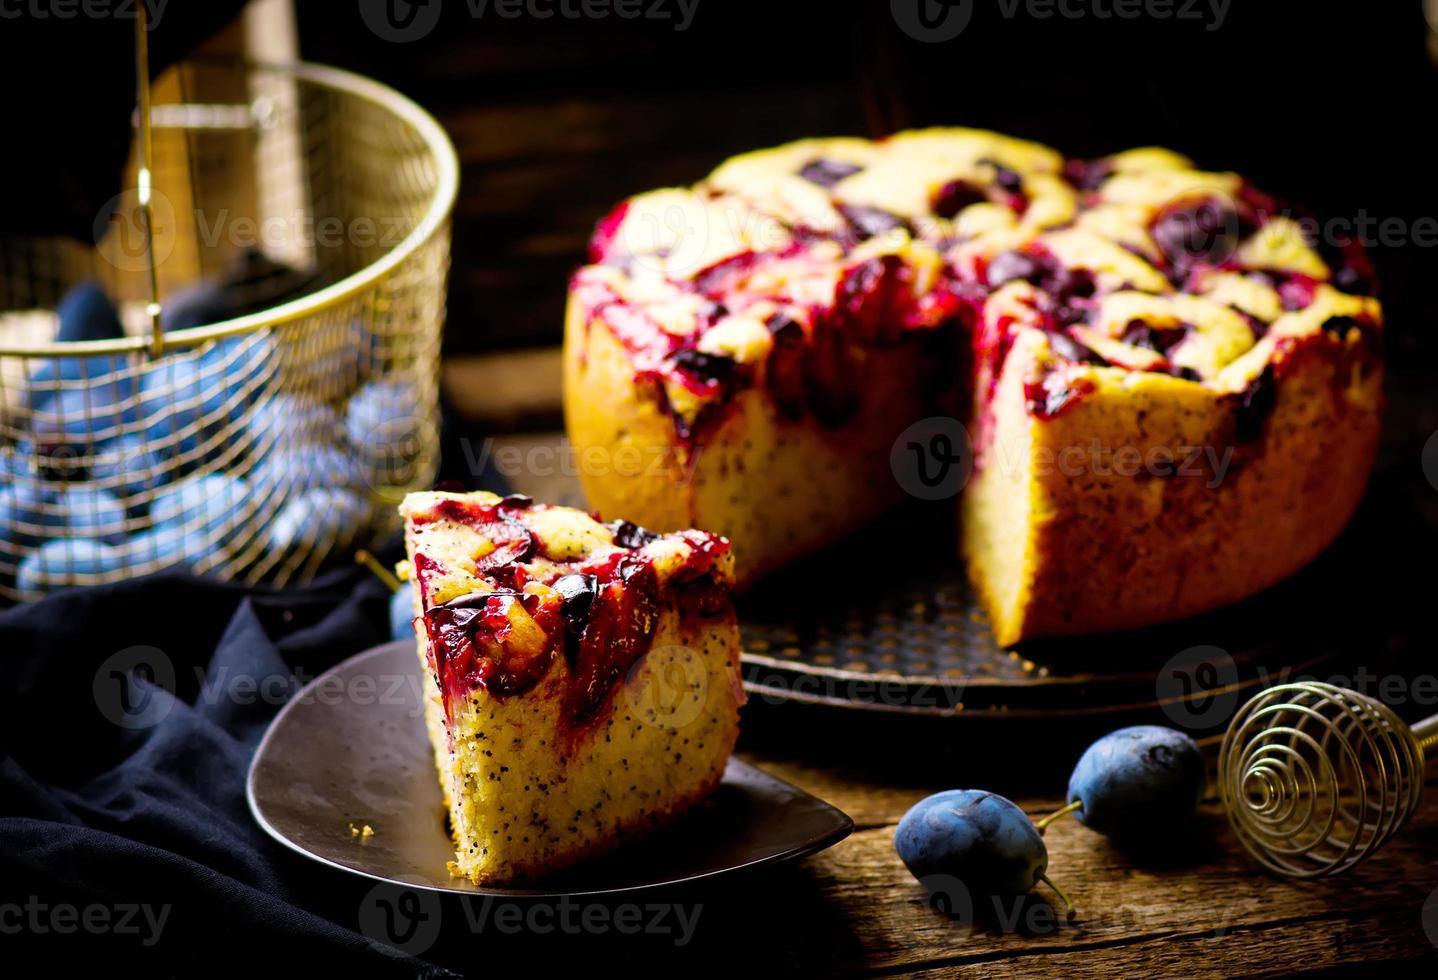 bolo de ameixa caseiro foto